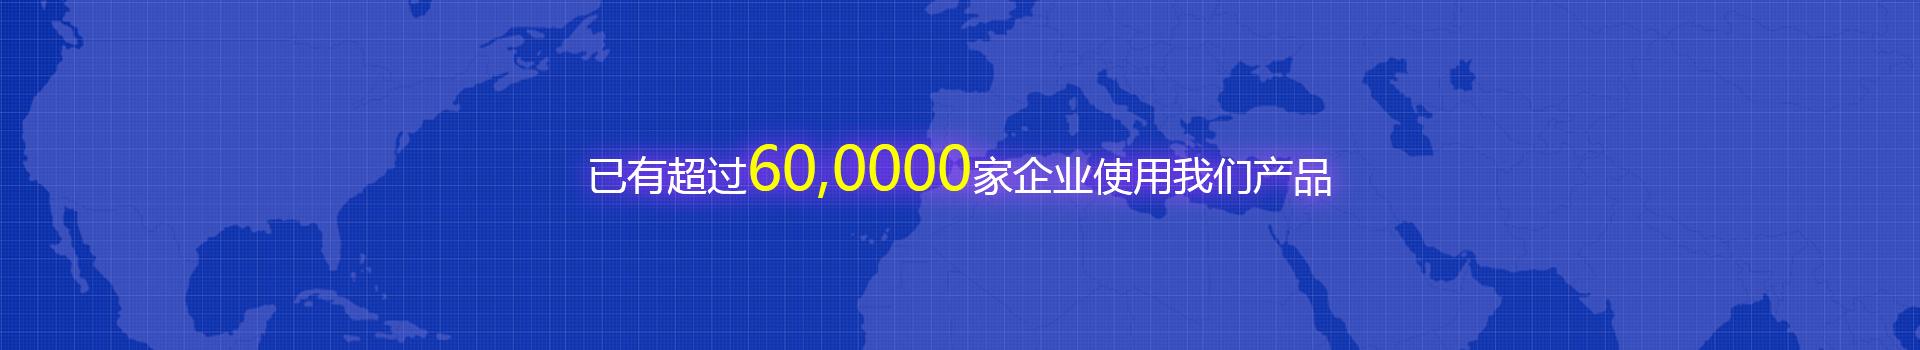 东莞市和赢信息科技有限公司